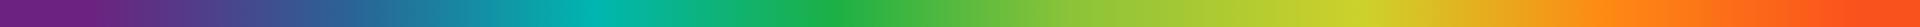 color-strip